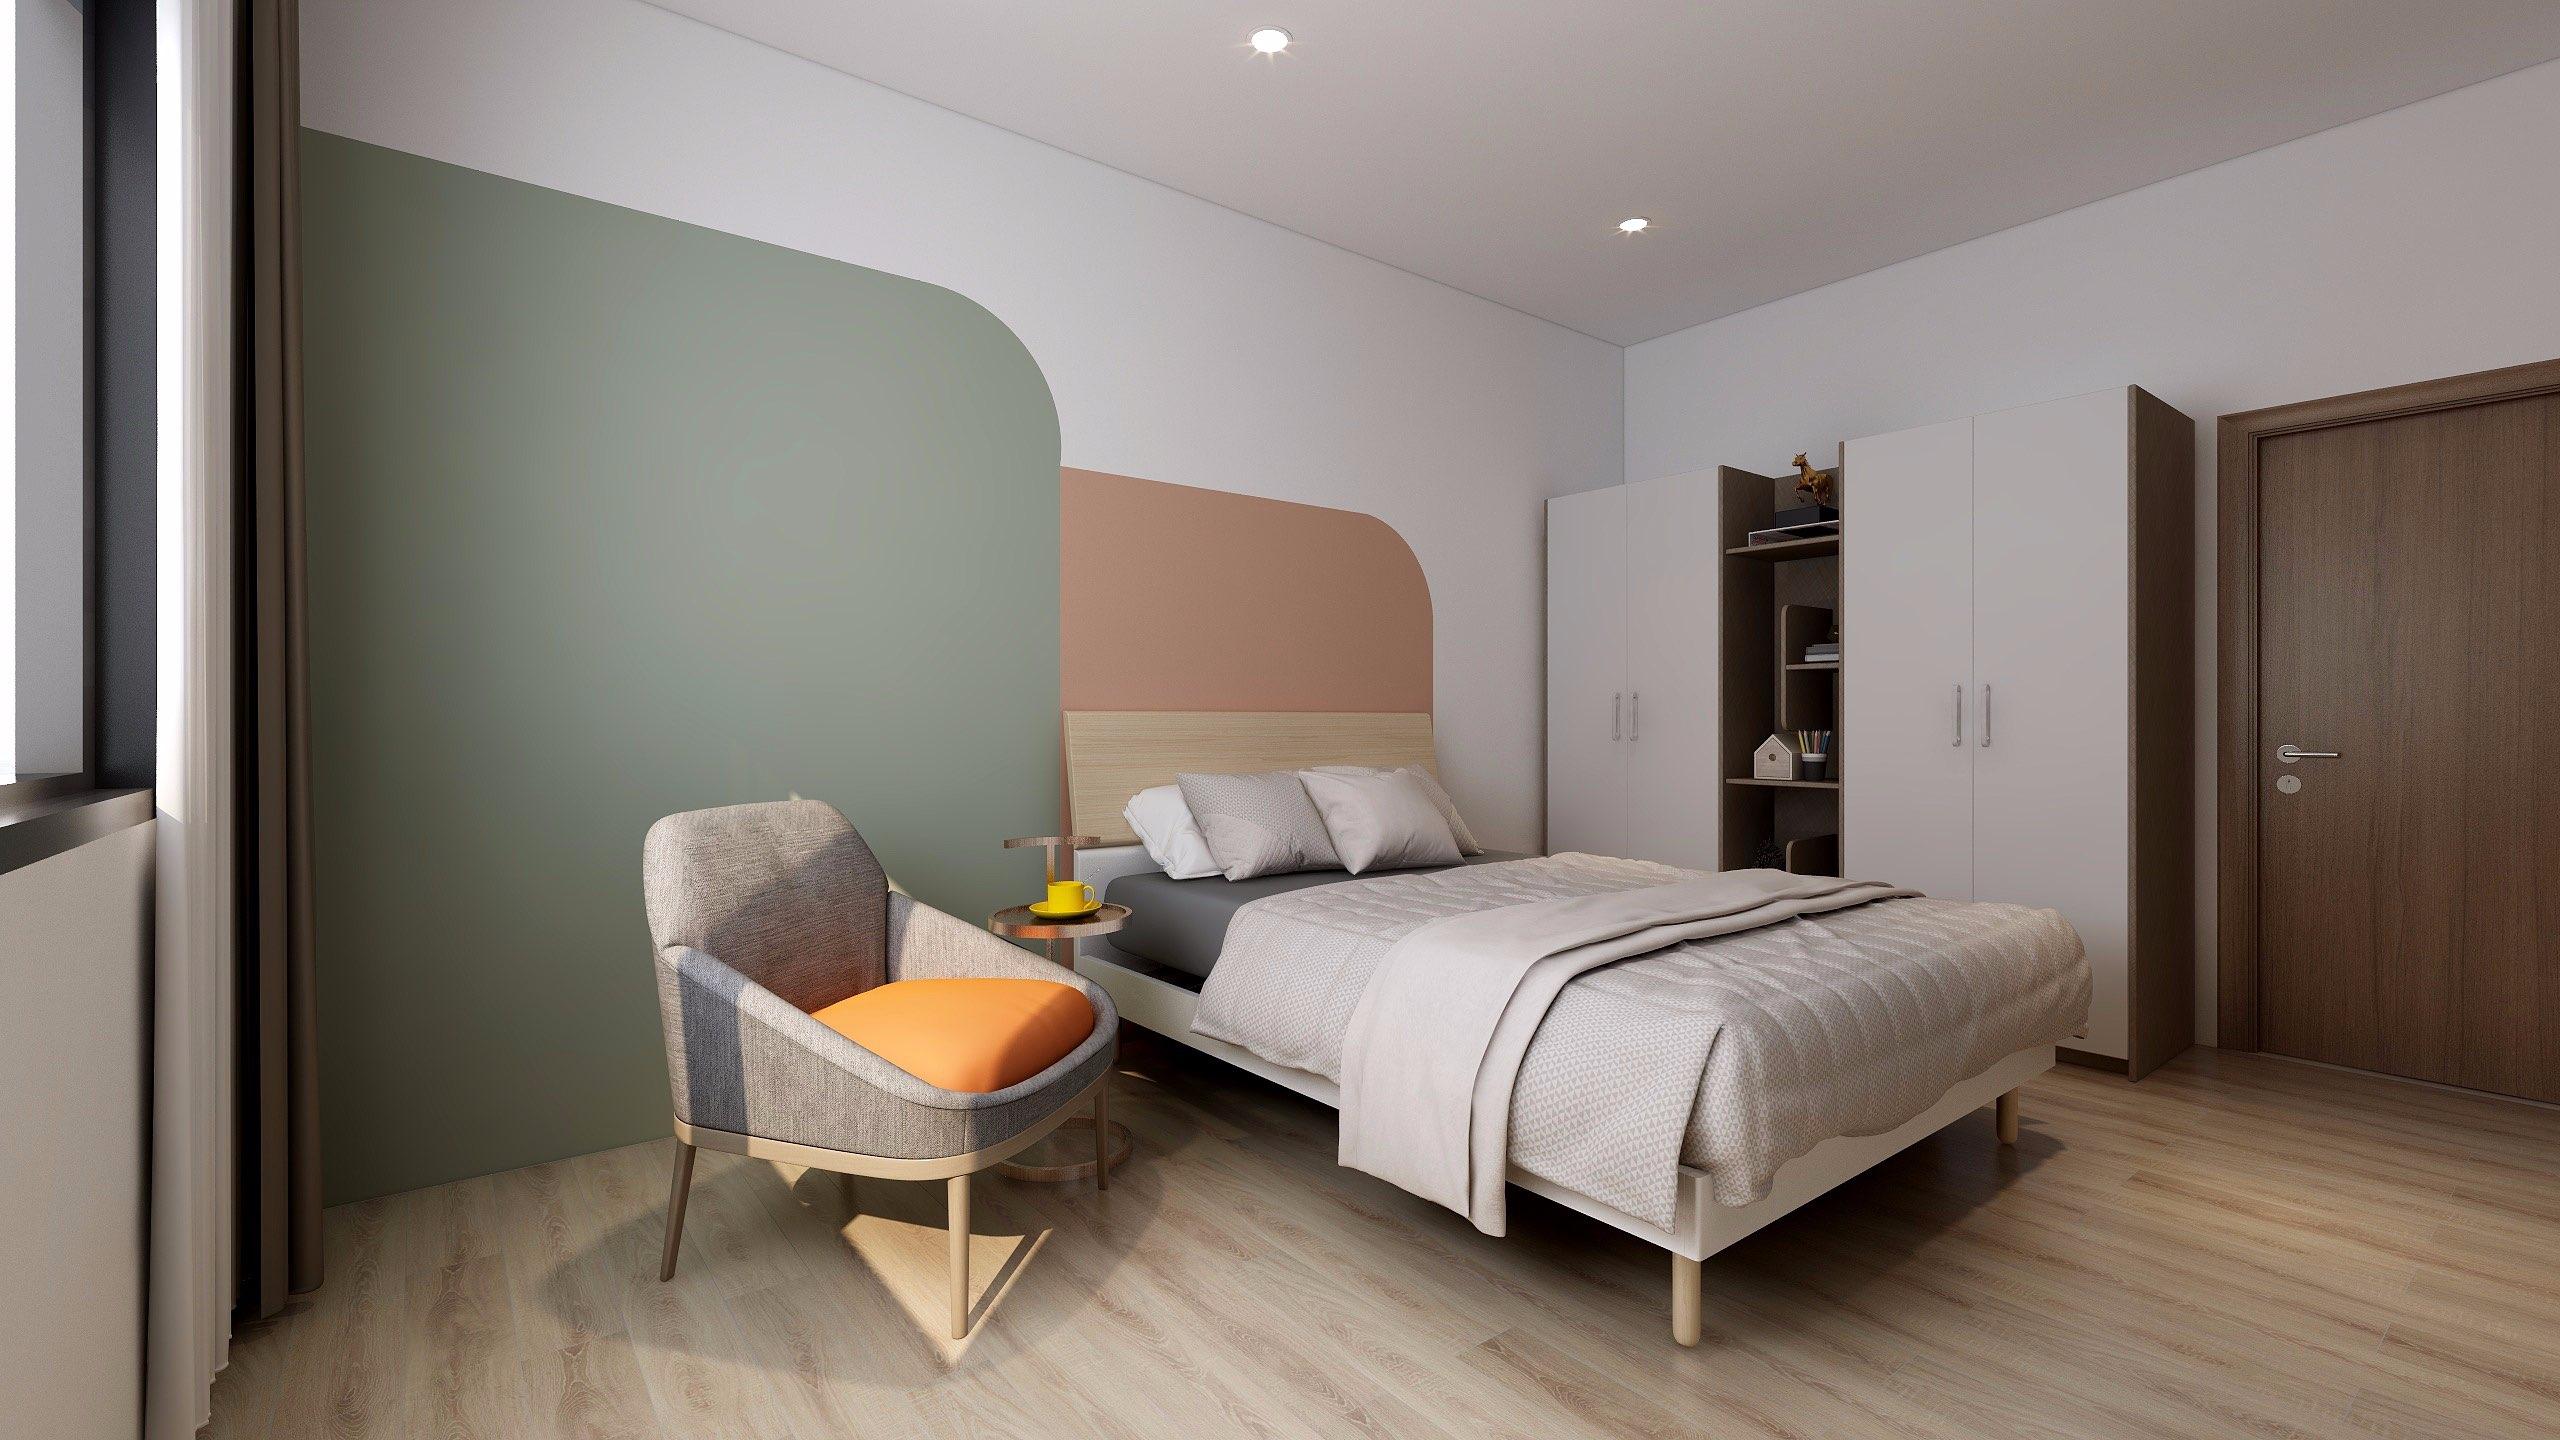 Giường MDF phủ Laminate 1m8 màu nâu gỗ sáng, thiết kế gọn gàng, rất hợp với những căn phòng ngủ có diện tích vừa phải